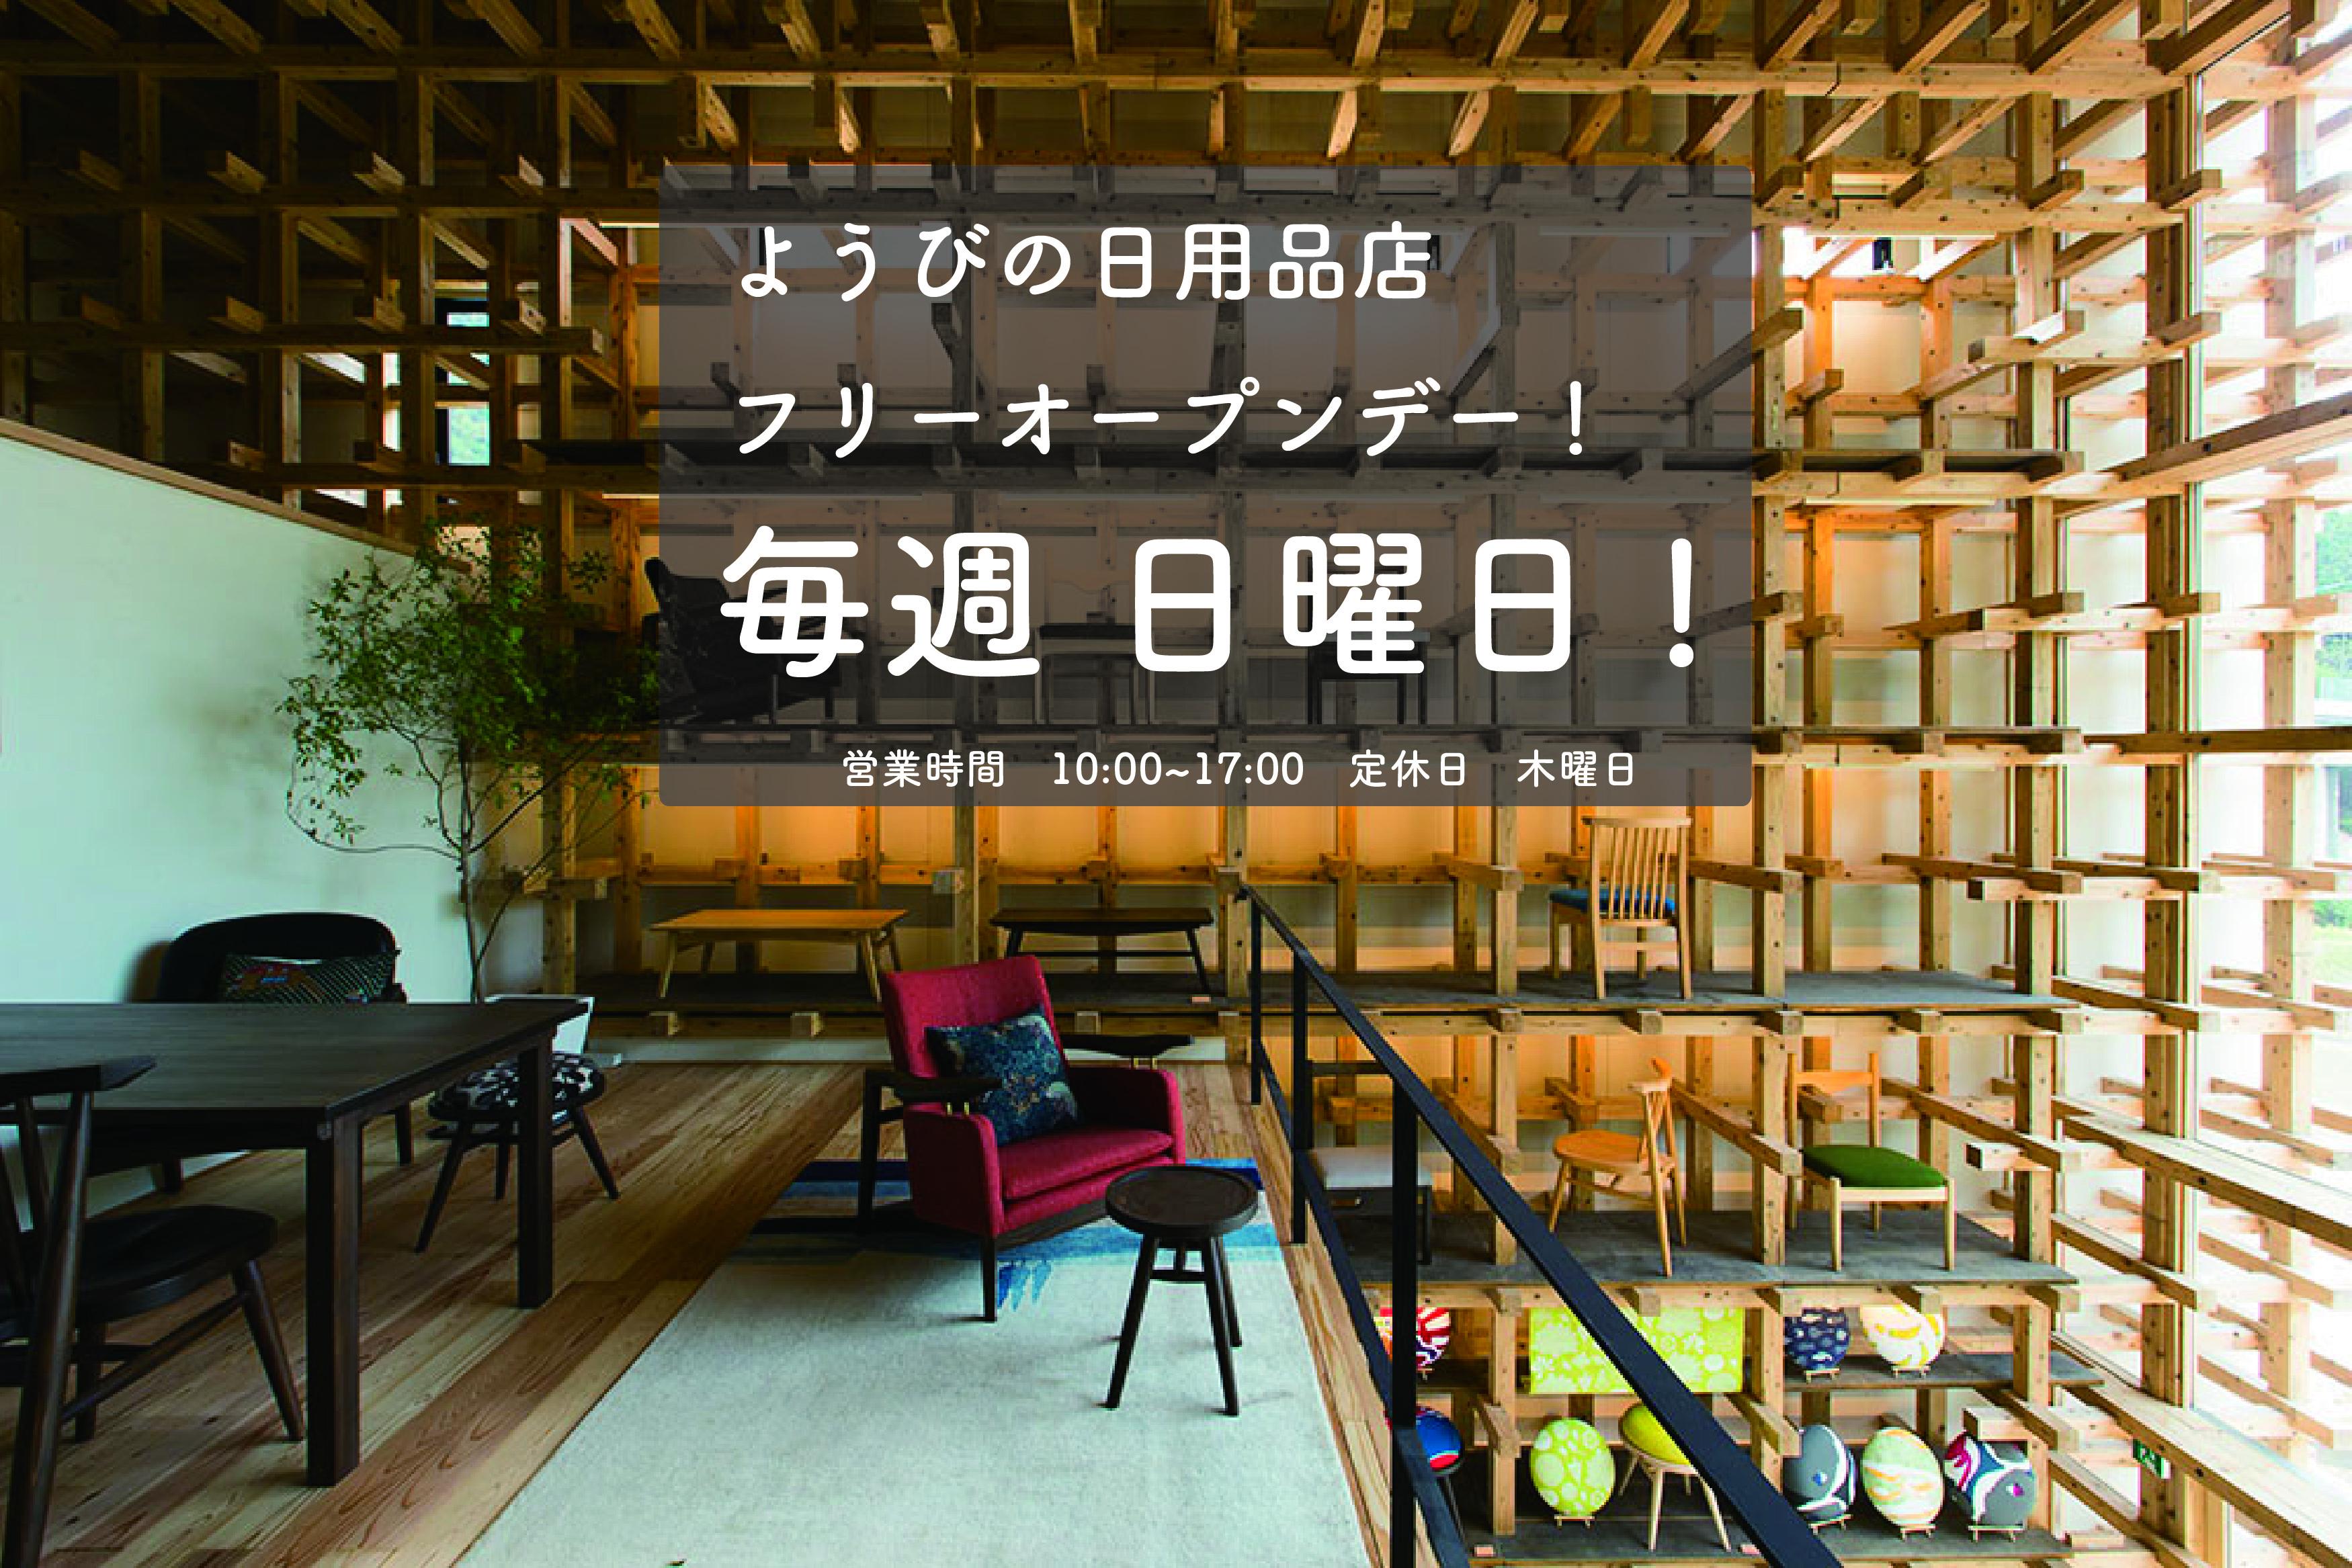 家具ショールーム「ようびの日用品店」フリーオープンデー!